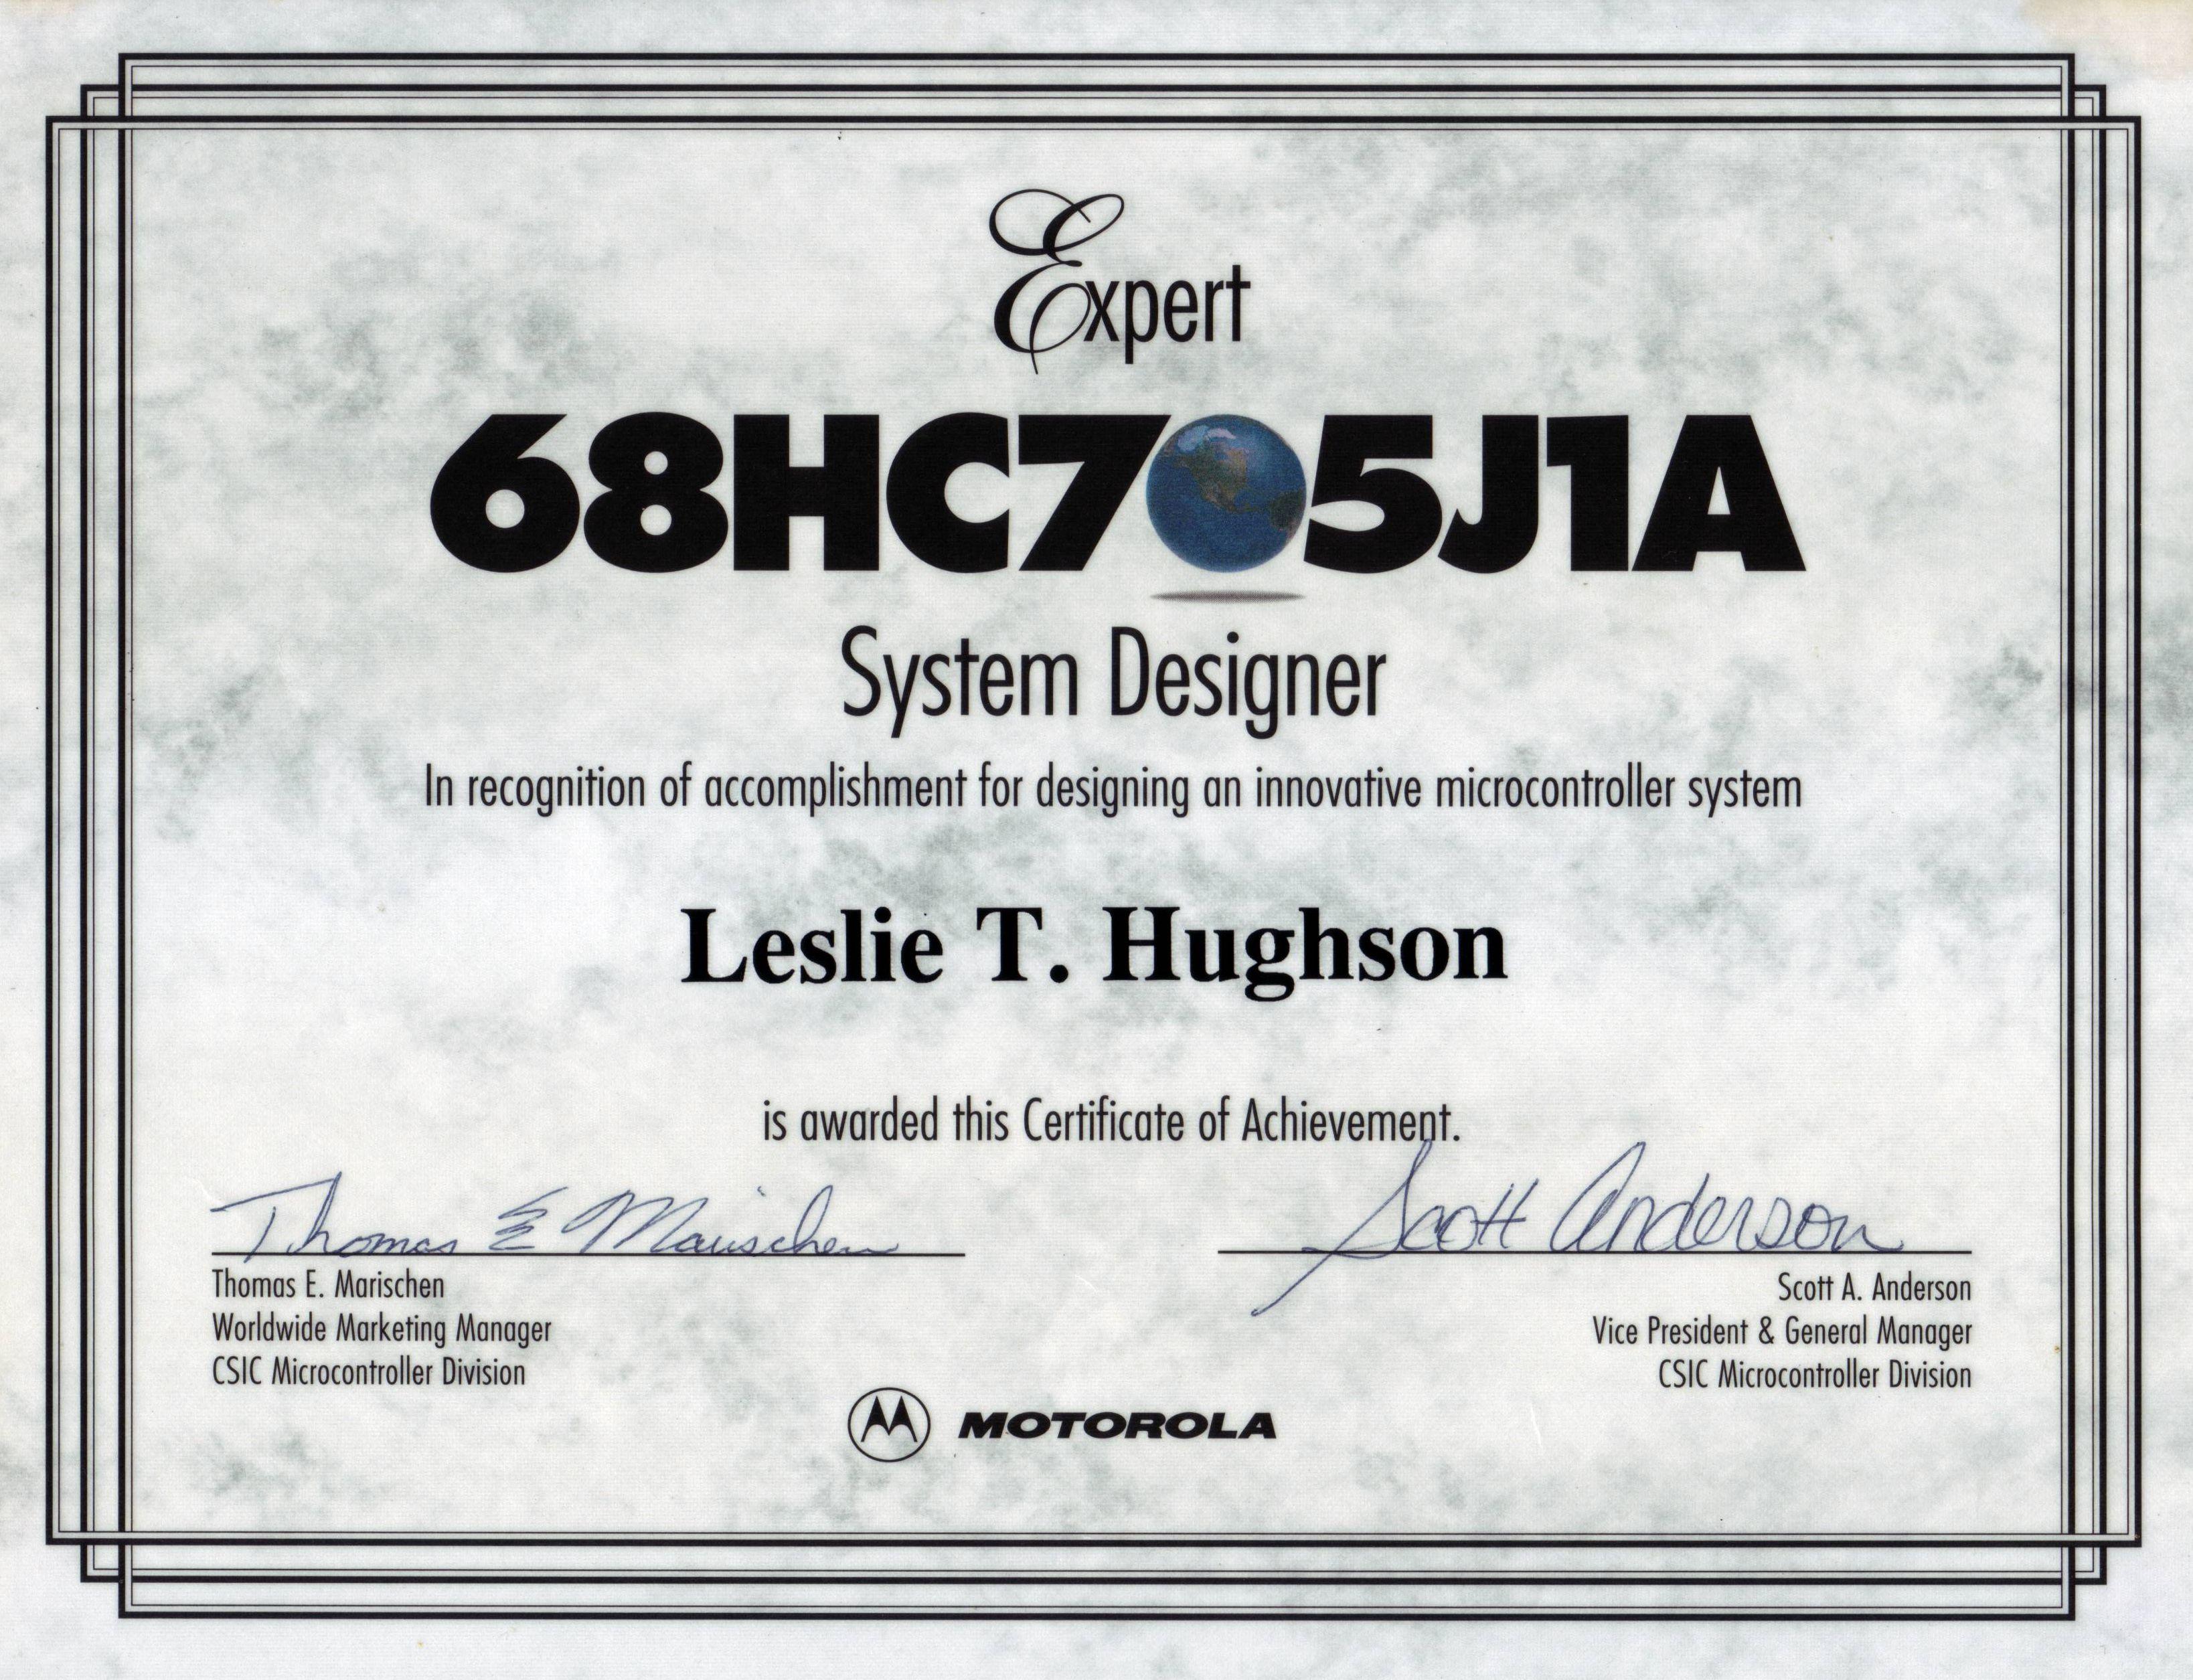 1412755076-Motorola+Certificate.jpg-original